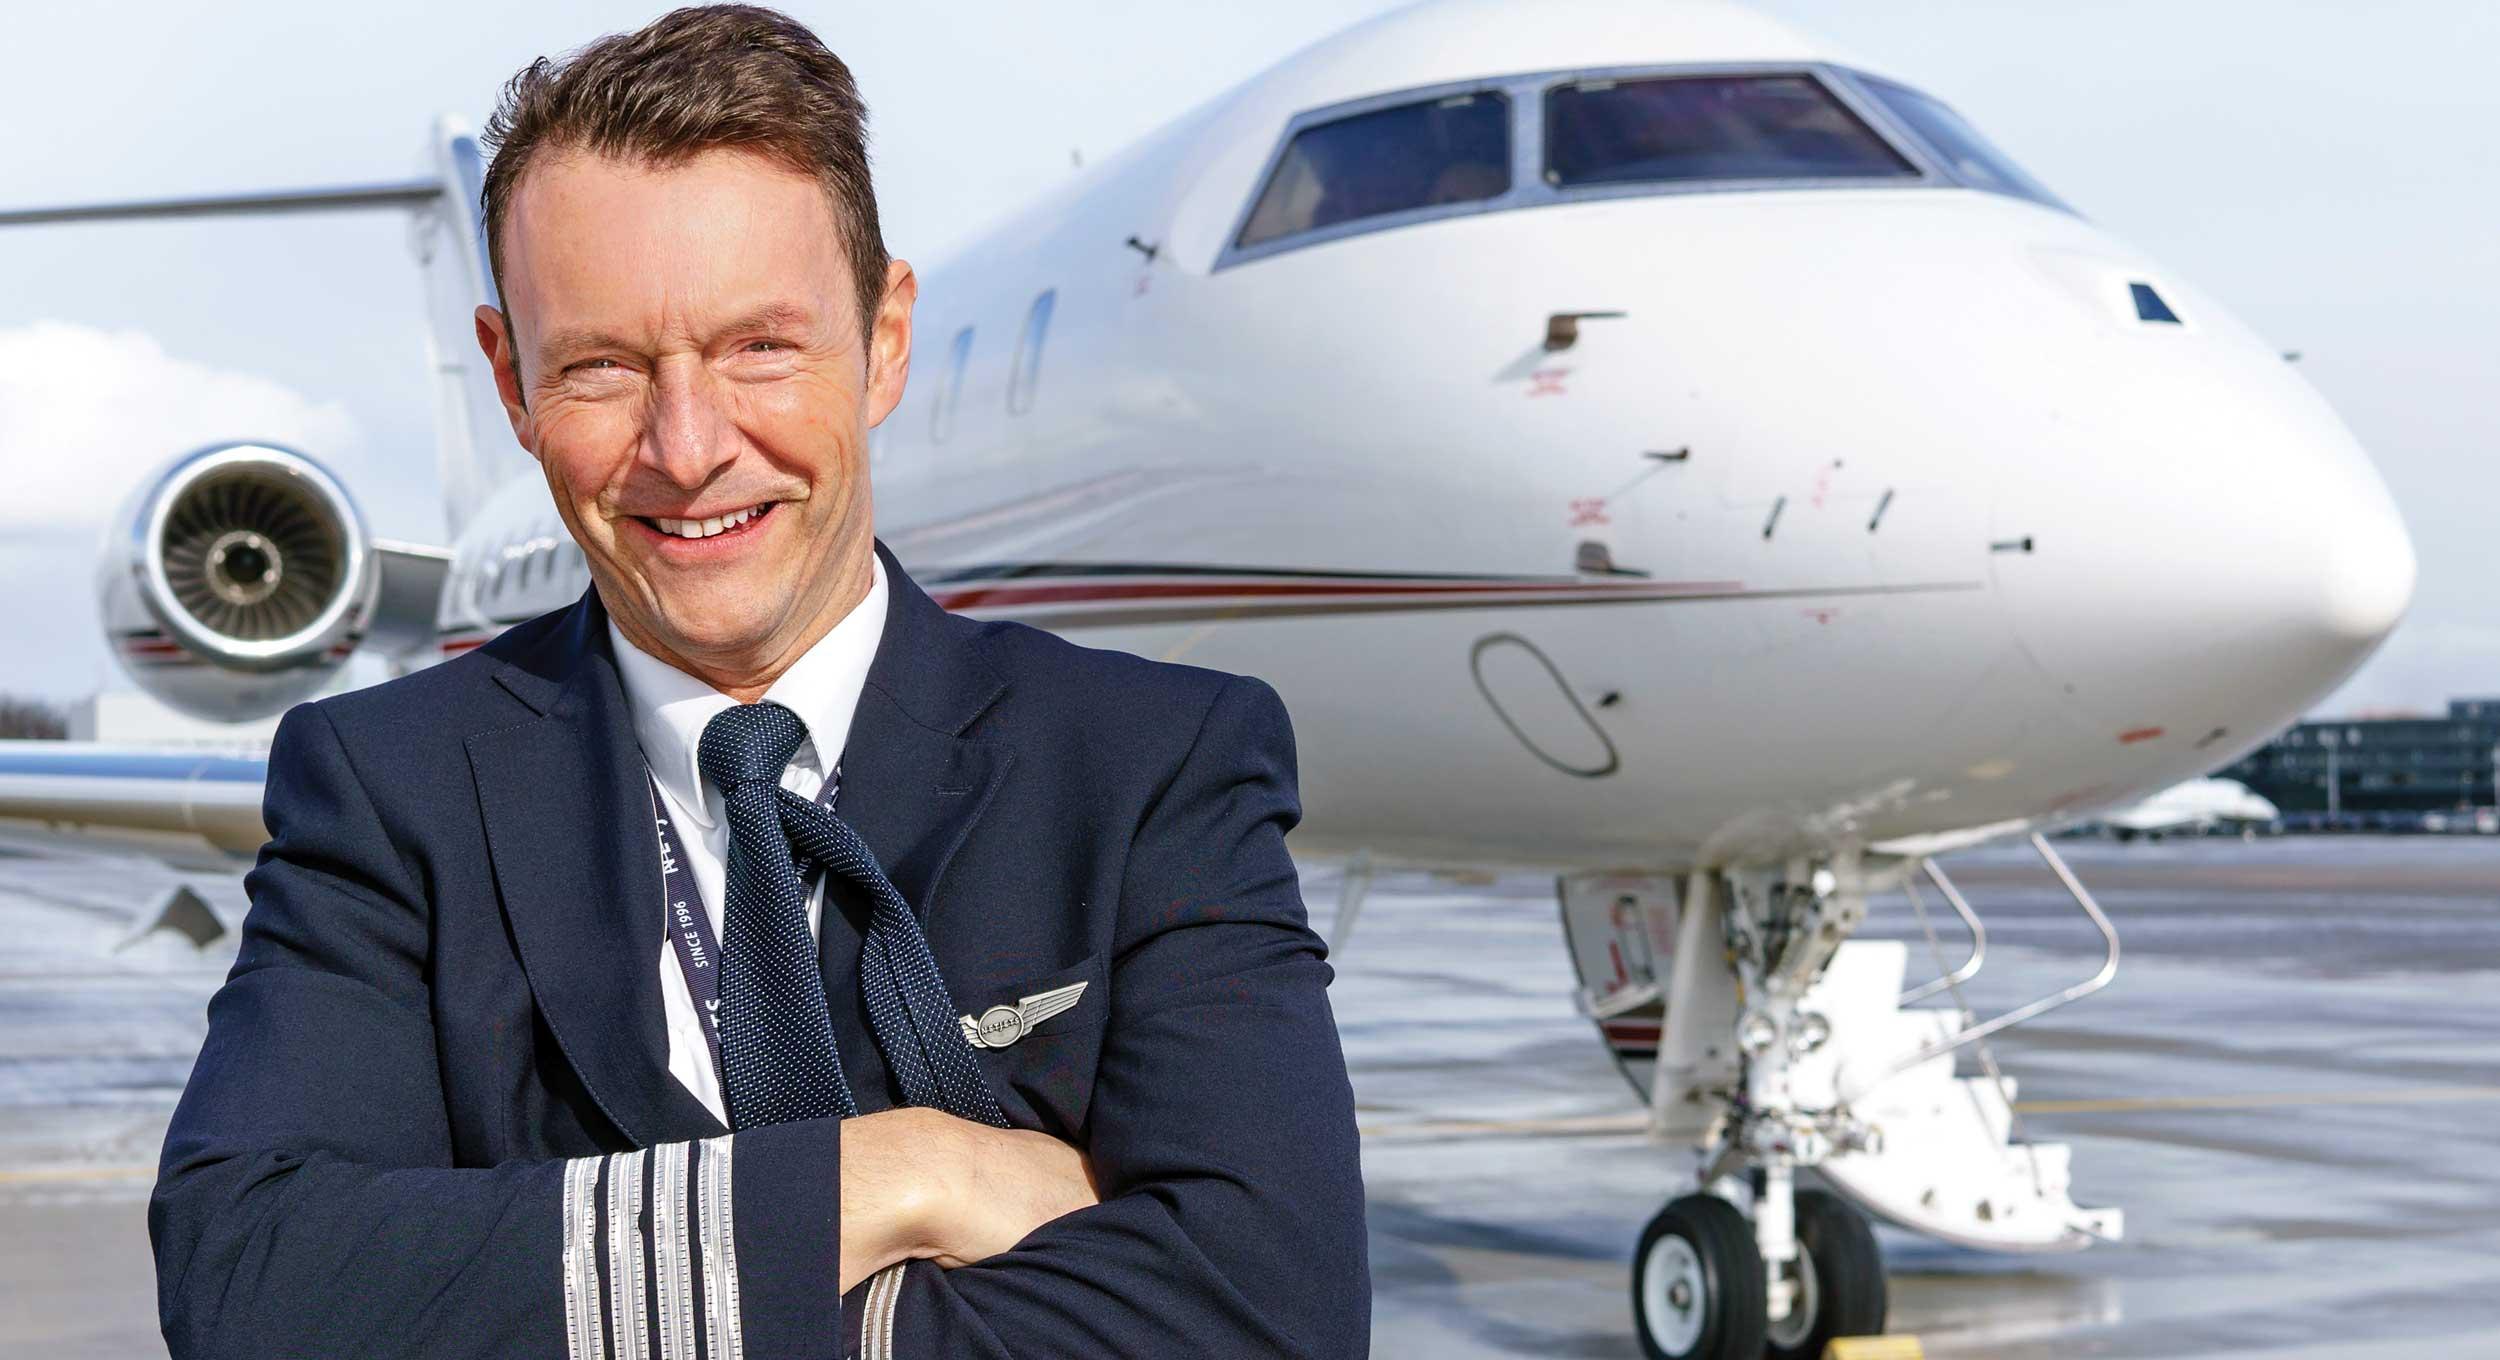 Frank van Houten Private jet